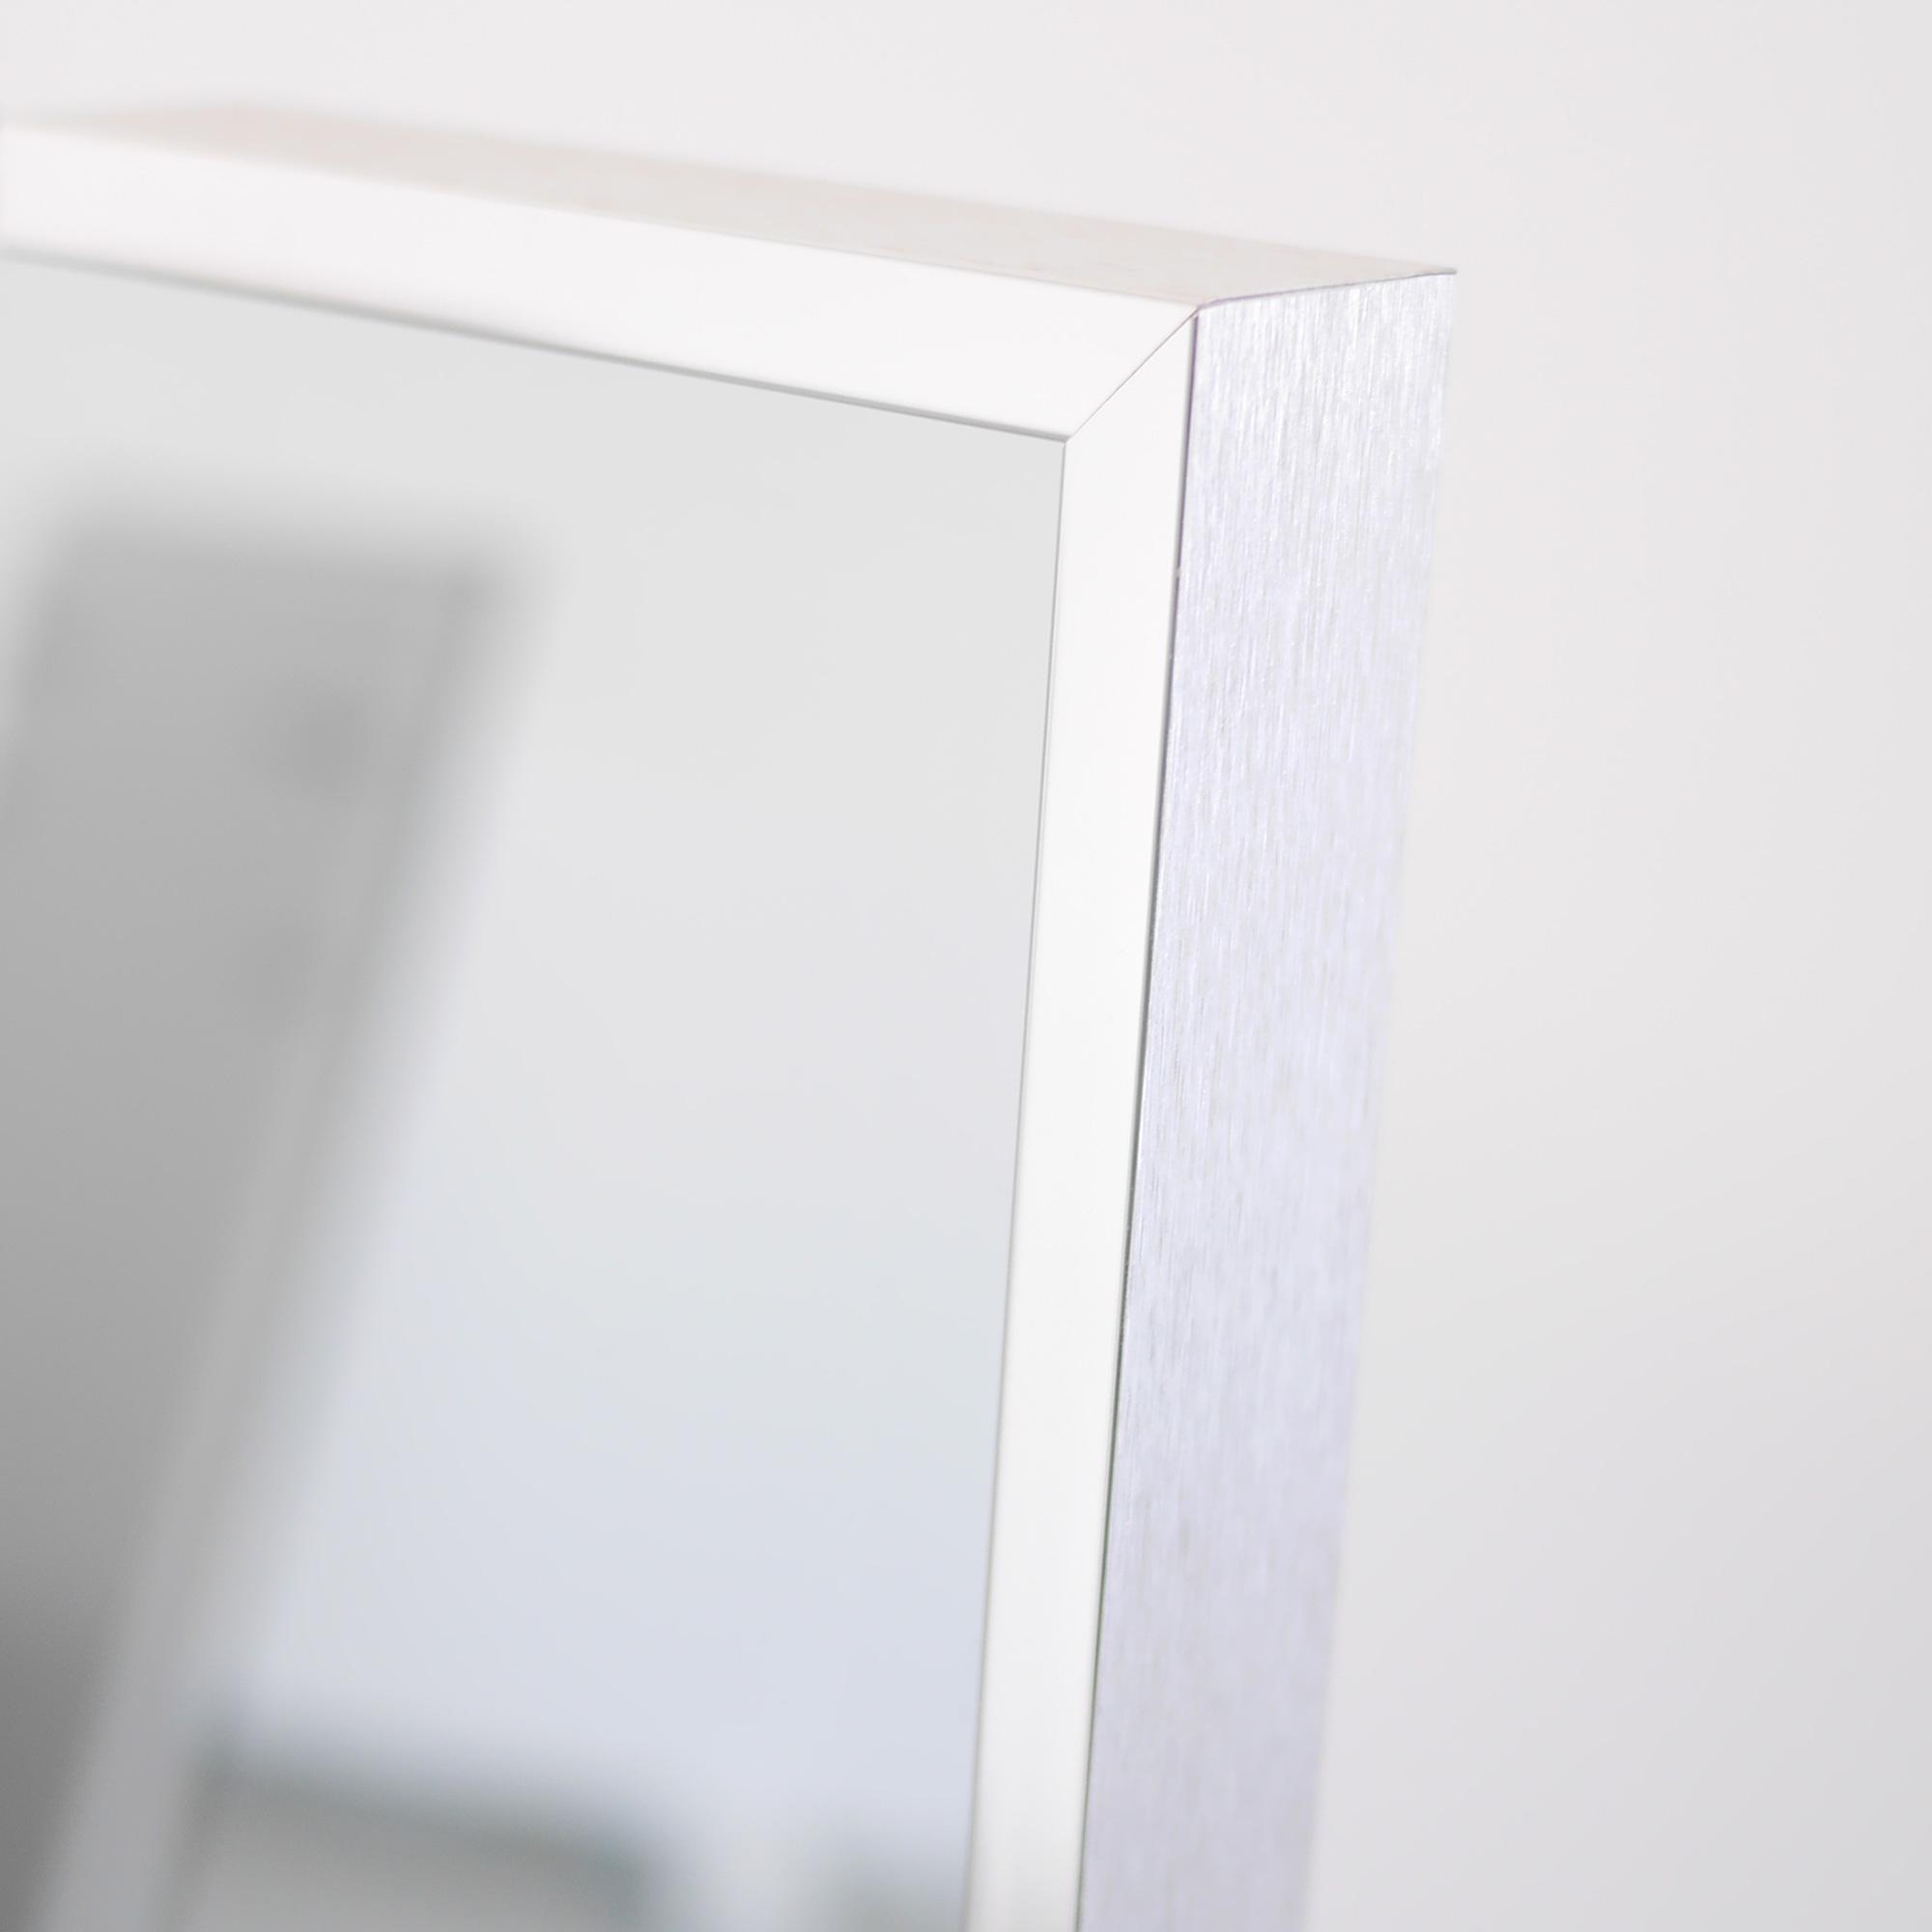 Chromrahmen der Infrarotheizung Spiegel von VASNER